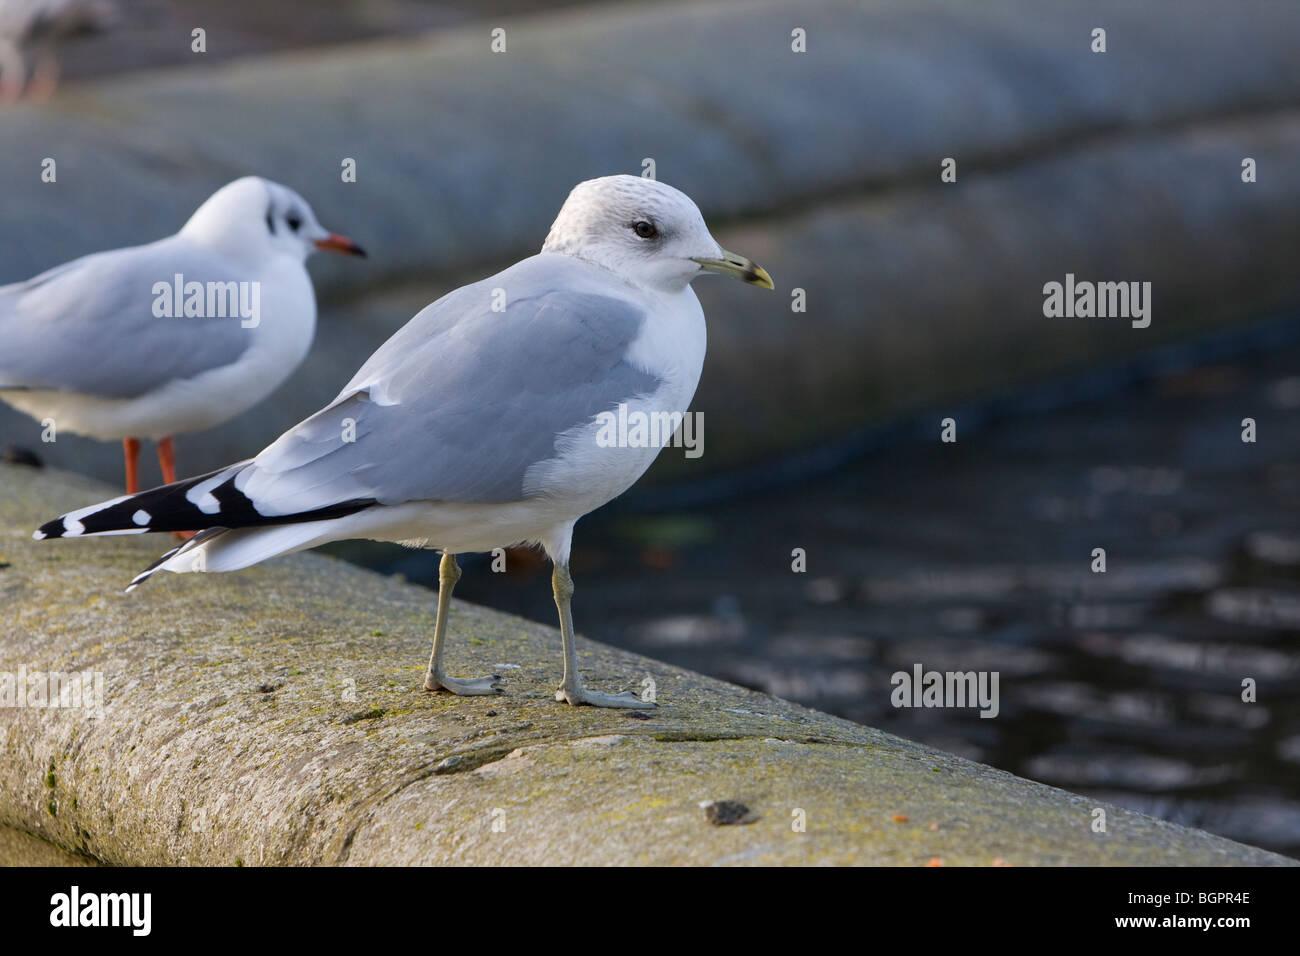 Common Gull Larus canus, Kensington Gardens, London - Stock Image